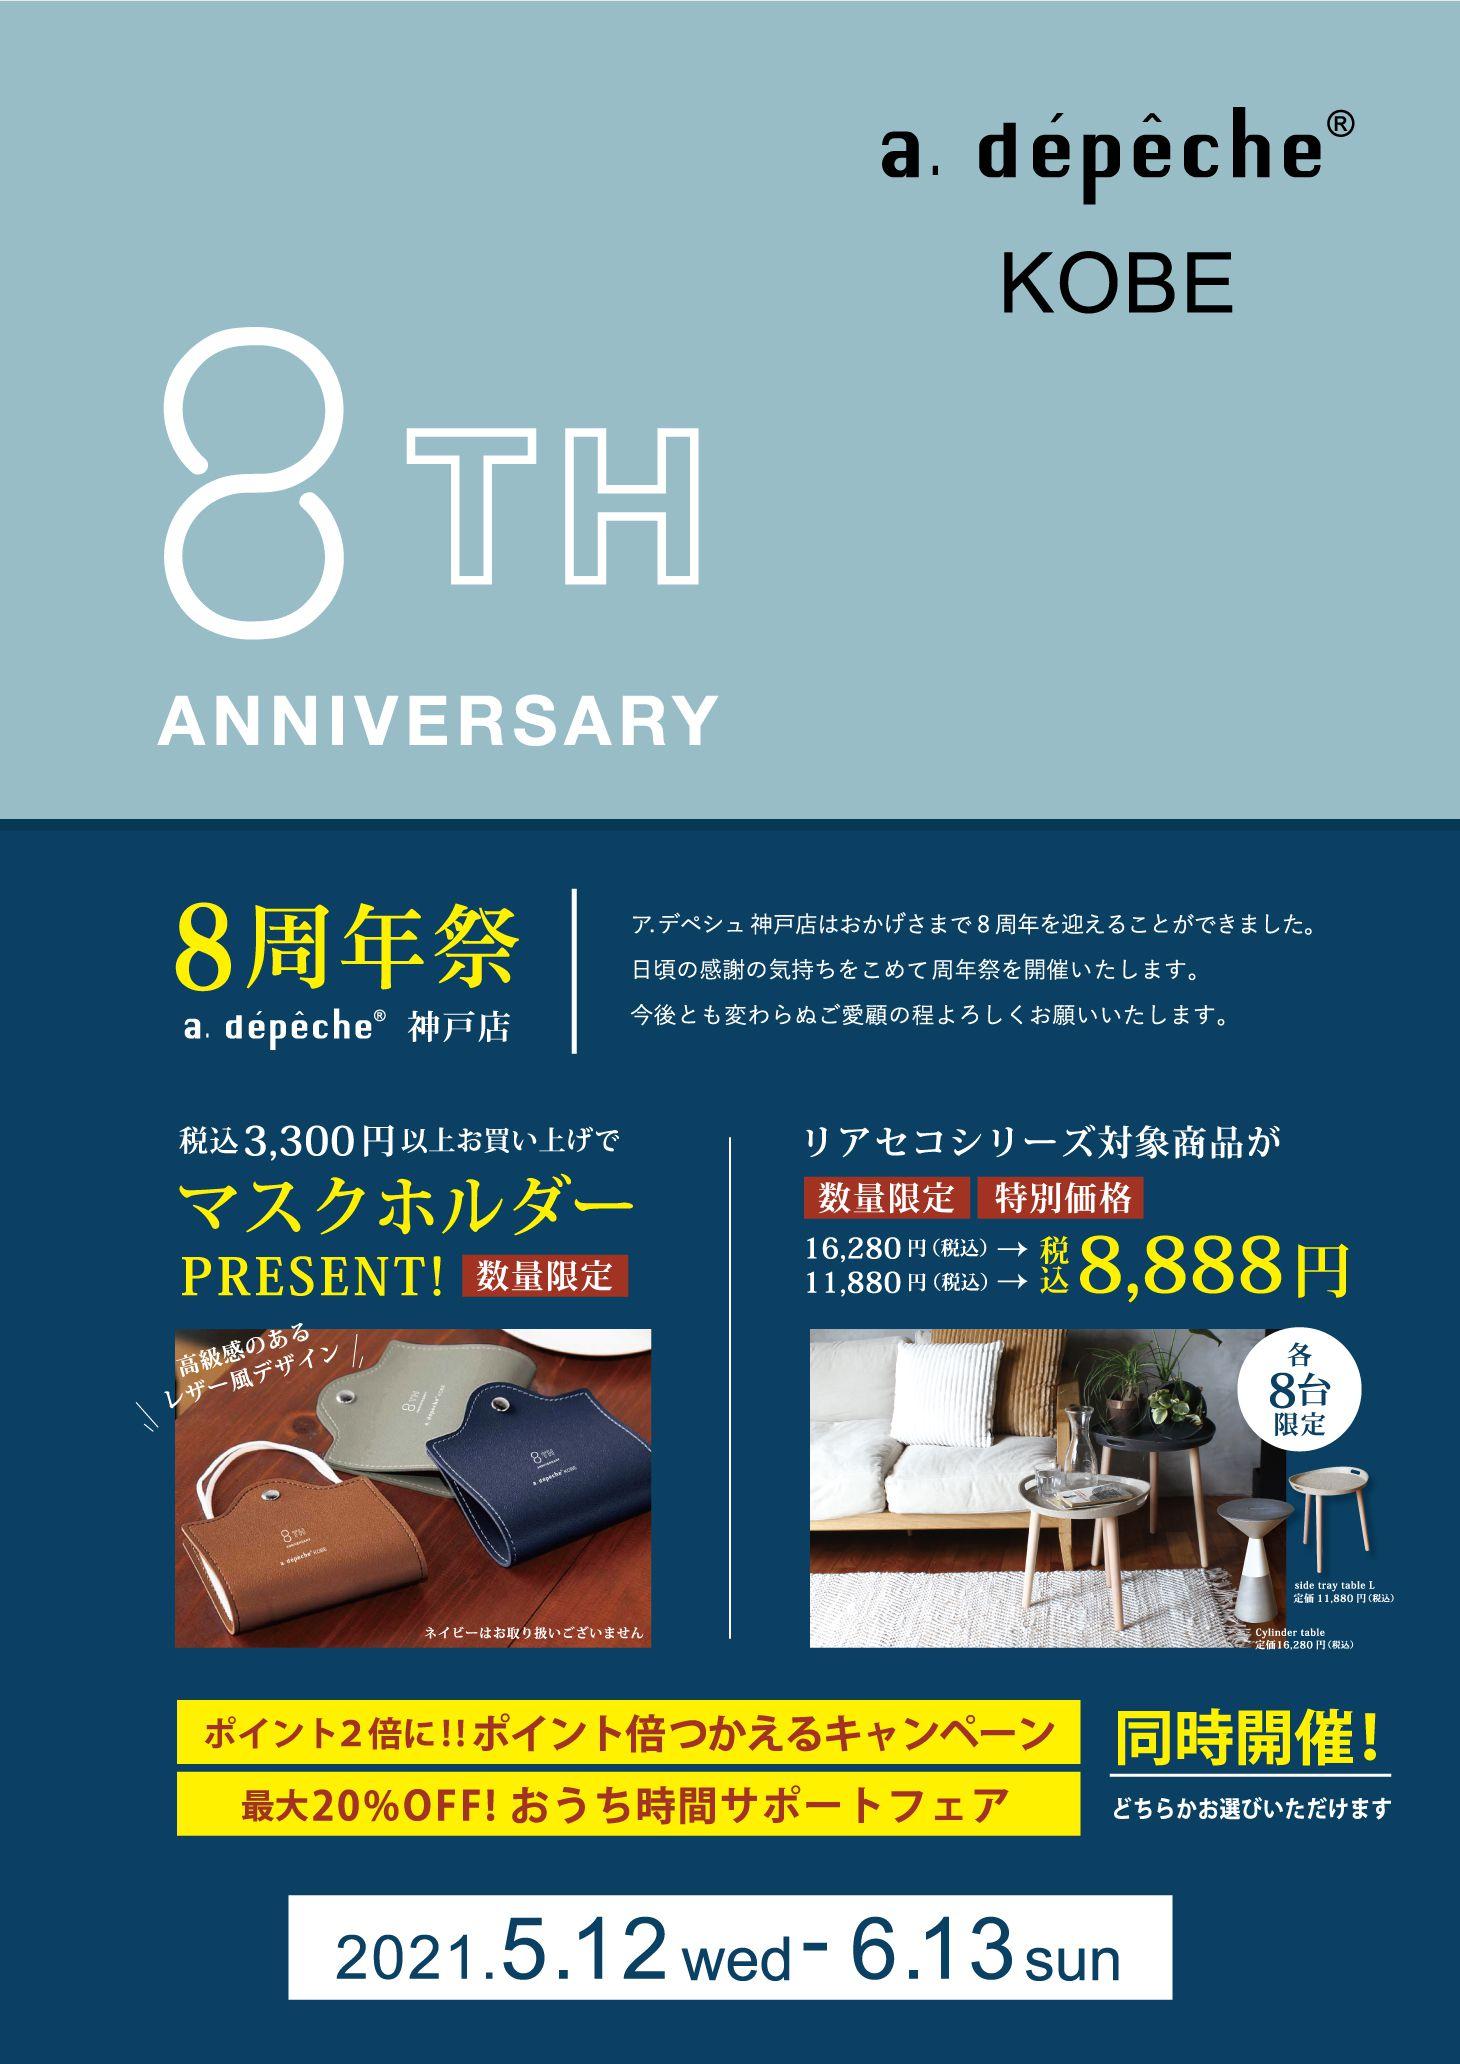 アデペシュ神戸店 8周年祭